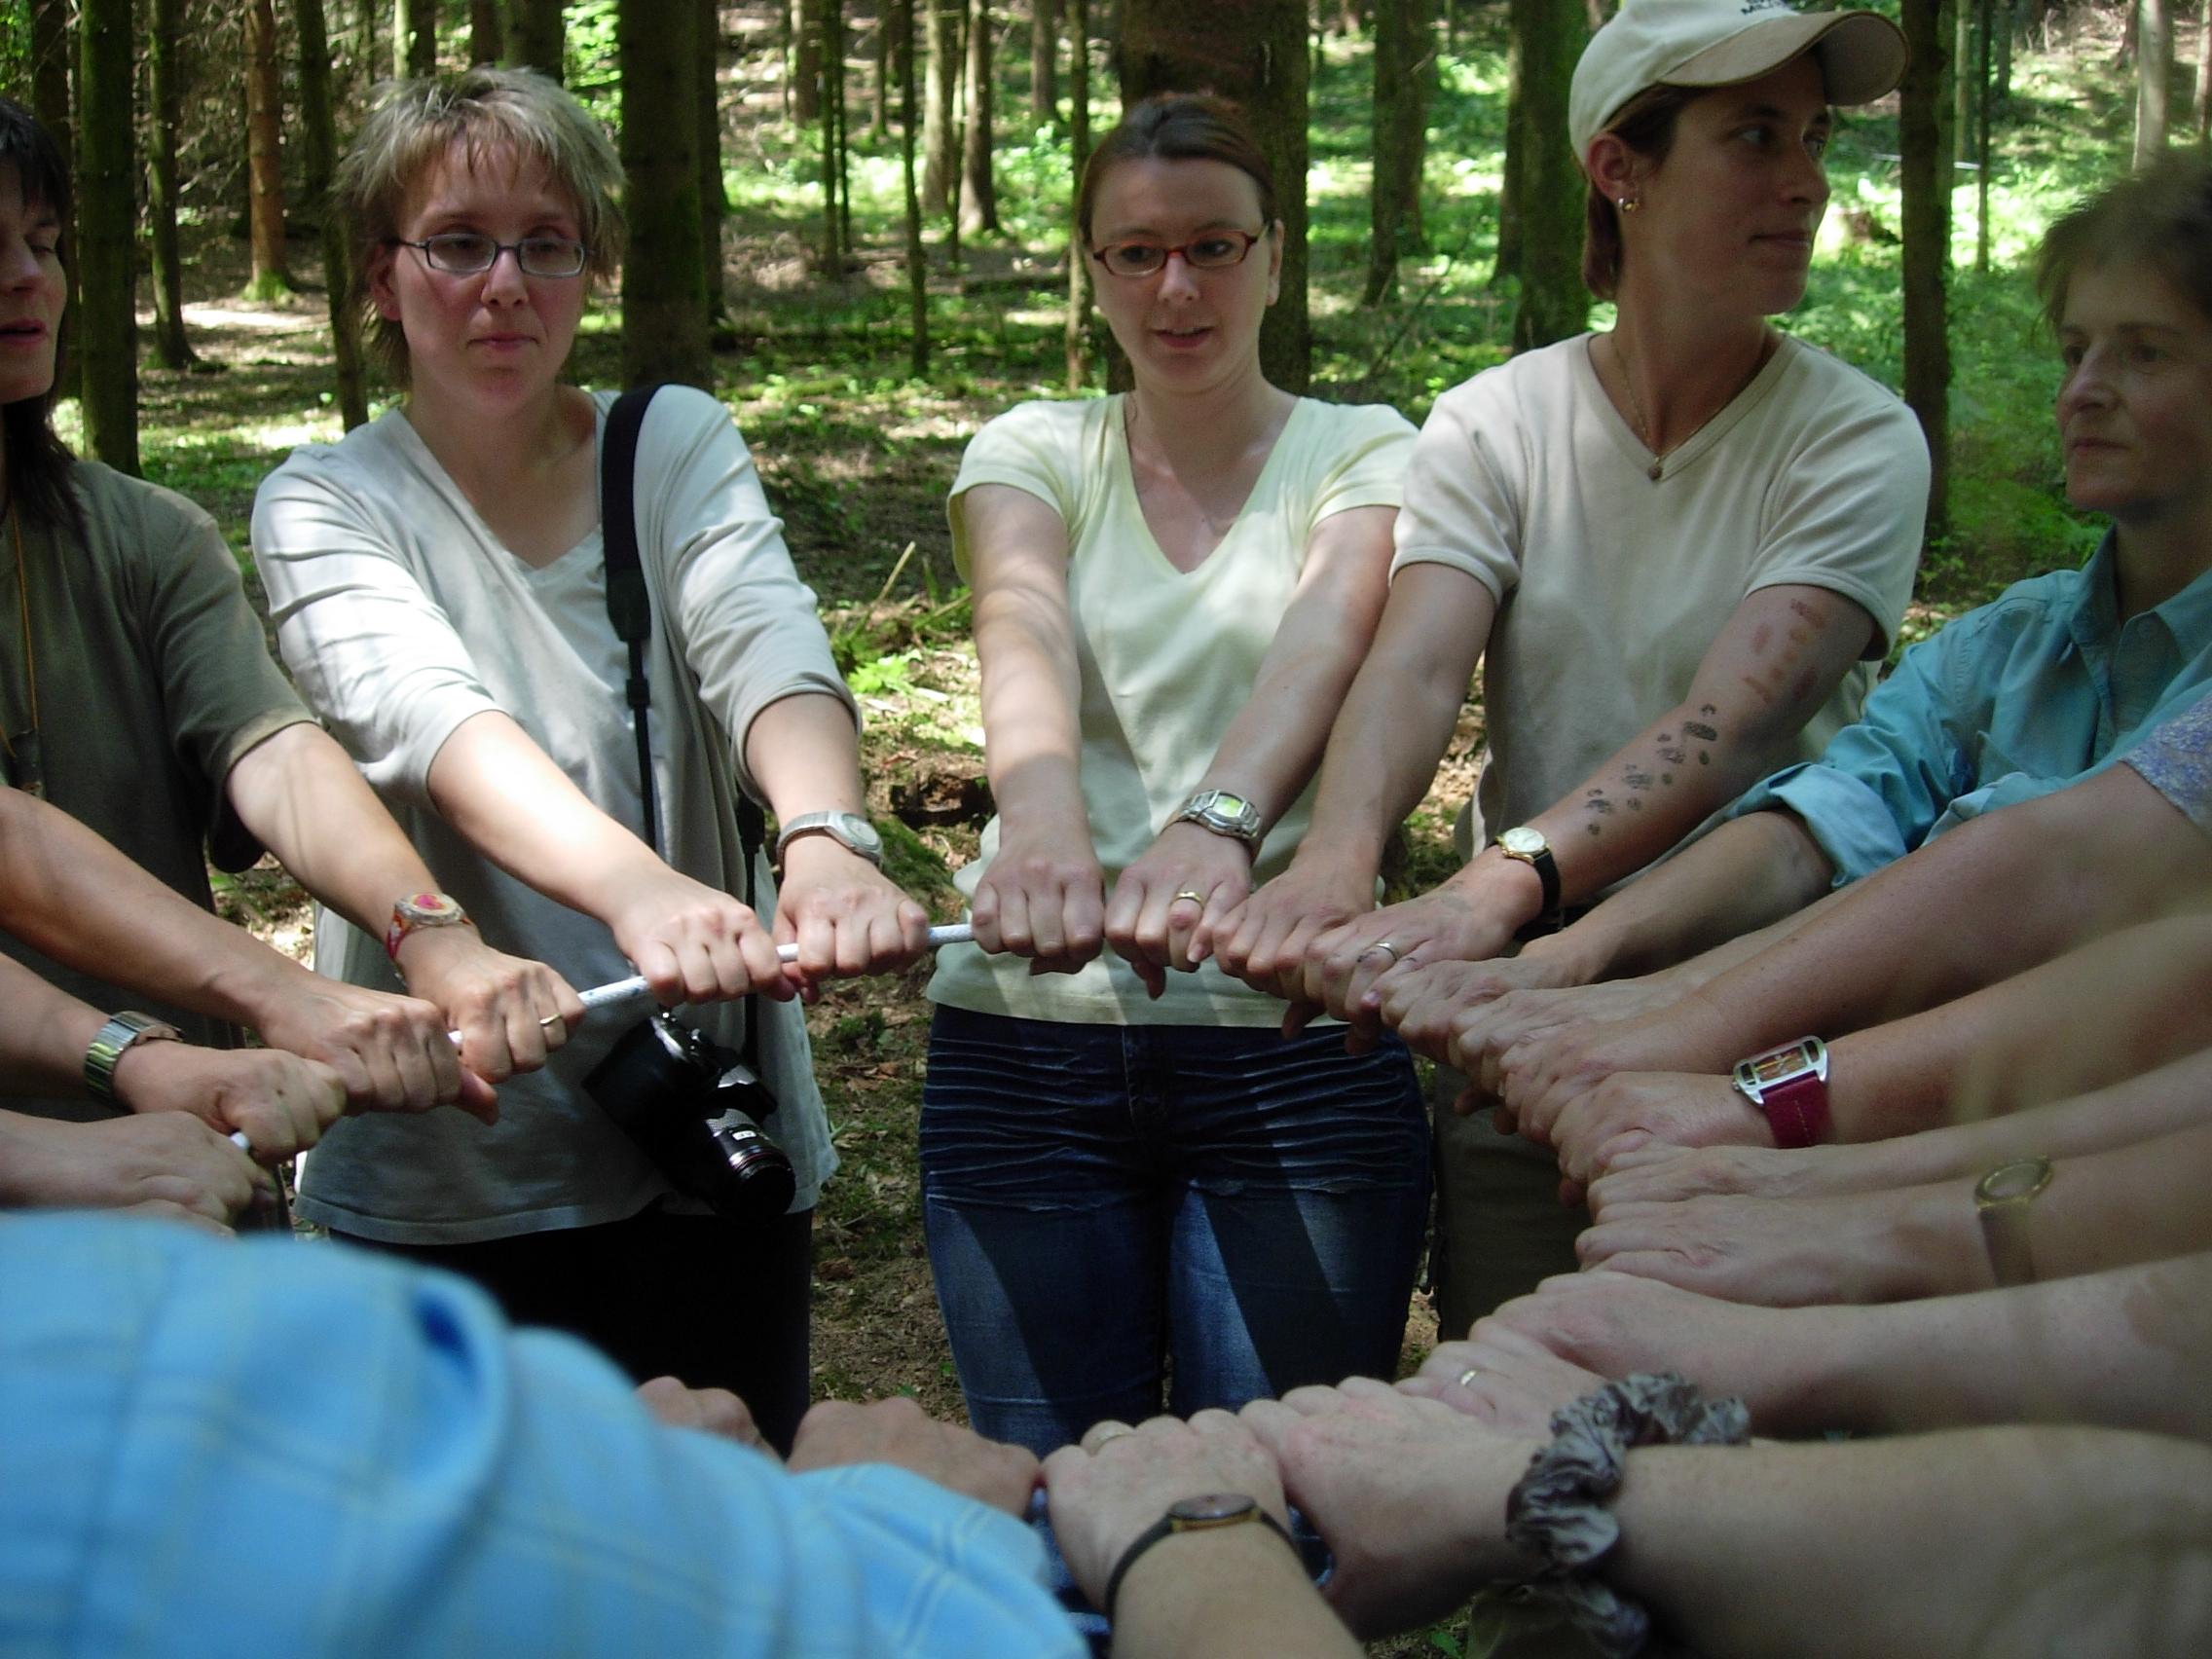 Die Gruppe wächst in emotionaler Verbundenheit schnell in Kursen zusammen